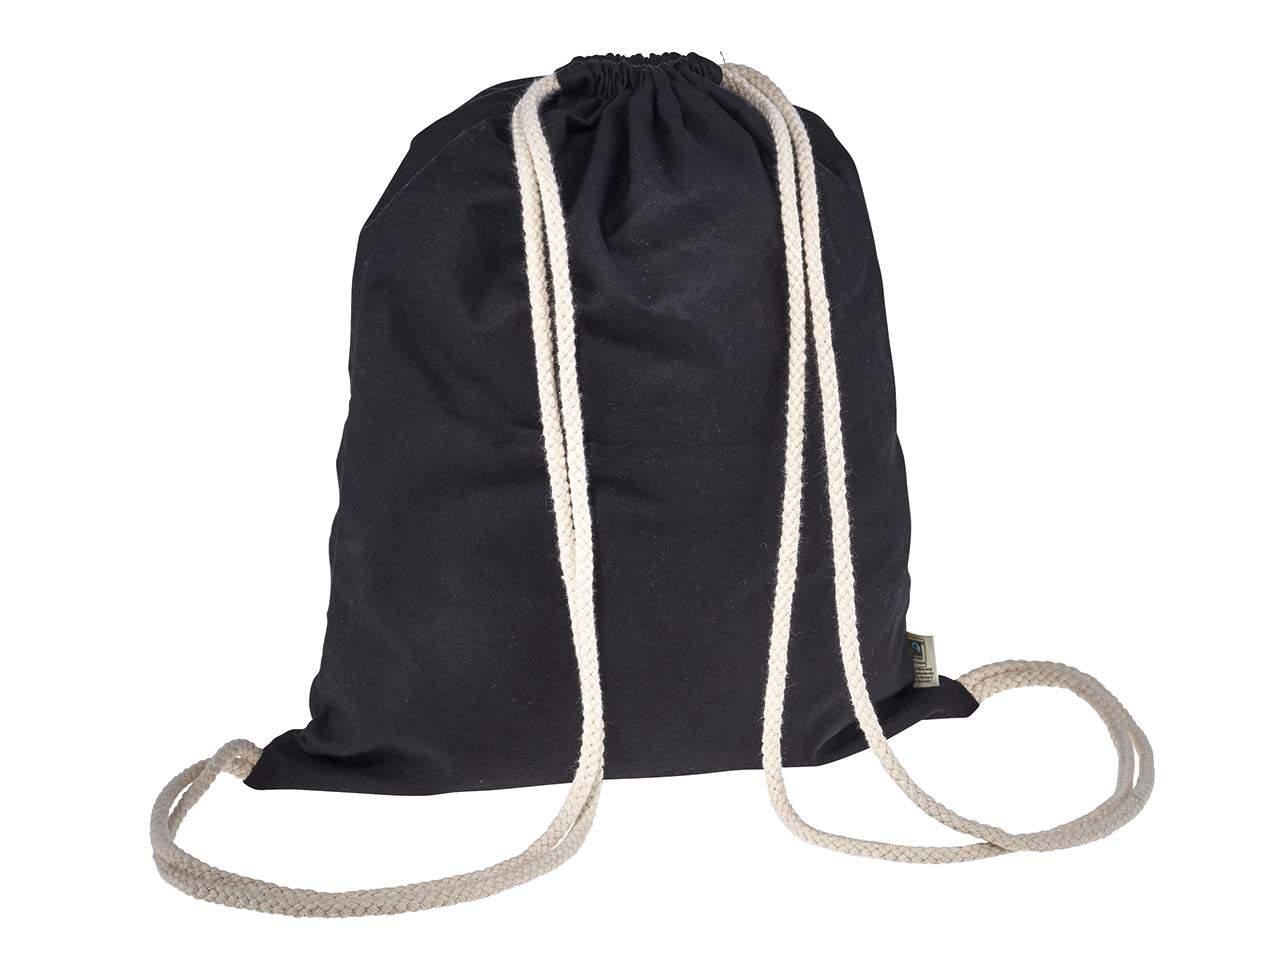 memo bio baumwoll rucksack mit fairtrade siegel schwarz 32 x 40 cm v1756 a 02